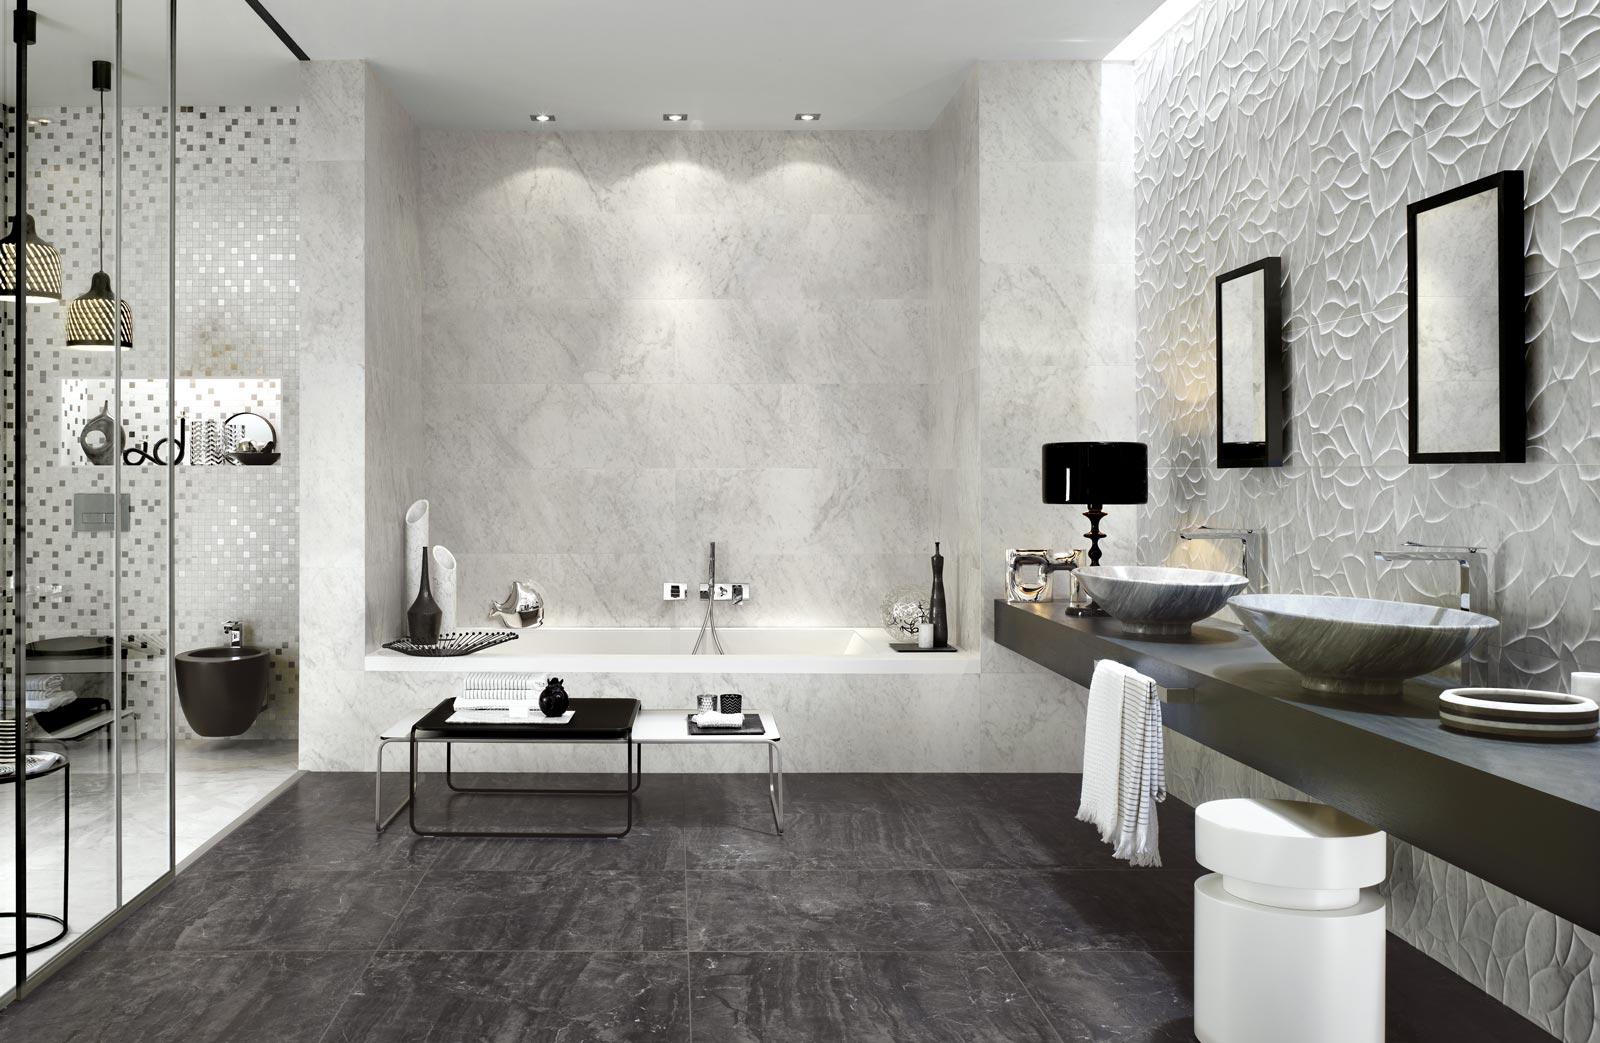 Decoratie Kleine Badkamer : Badkamertegels archives badkamers voorbeelden